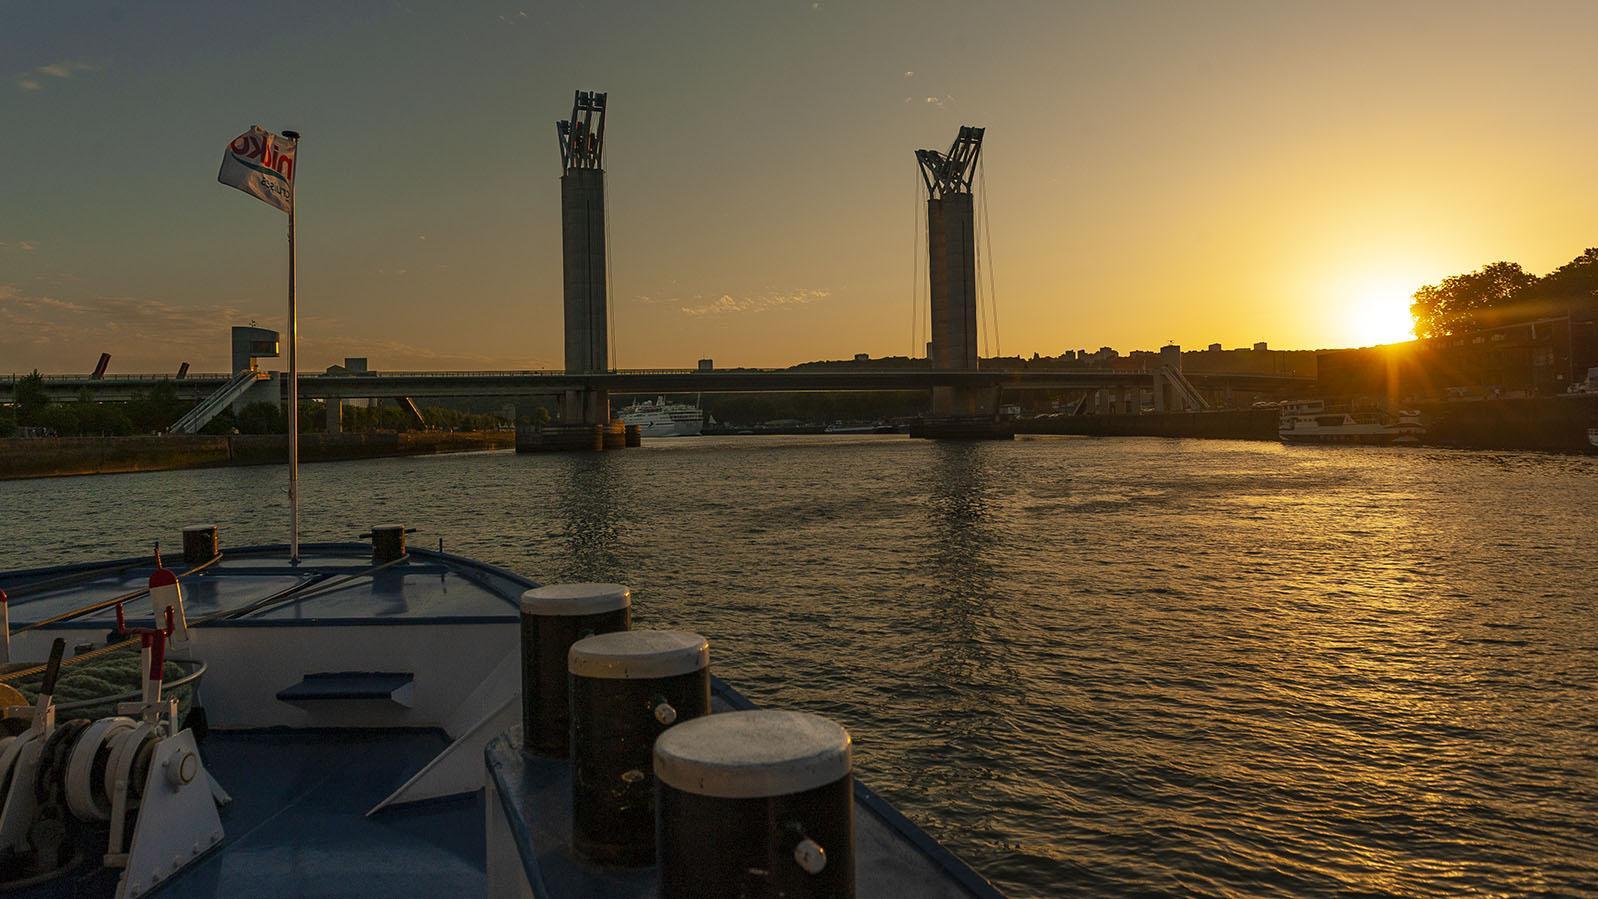 Seine-Comtesse-Törn: die Pont Flaubert von Rouen bei Sonnenuntergang. Foto: Hilke Maunder